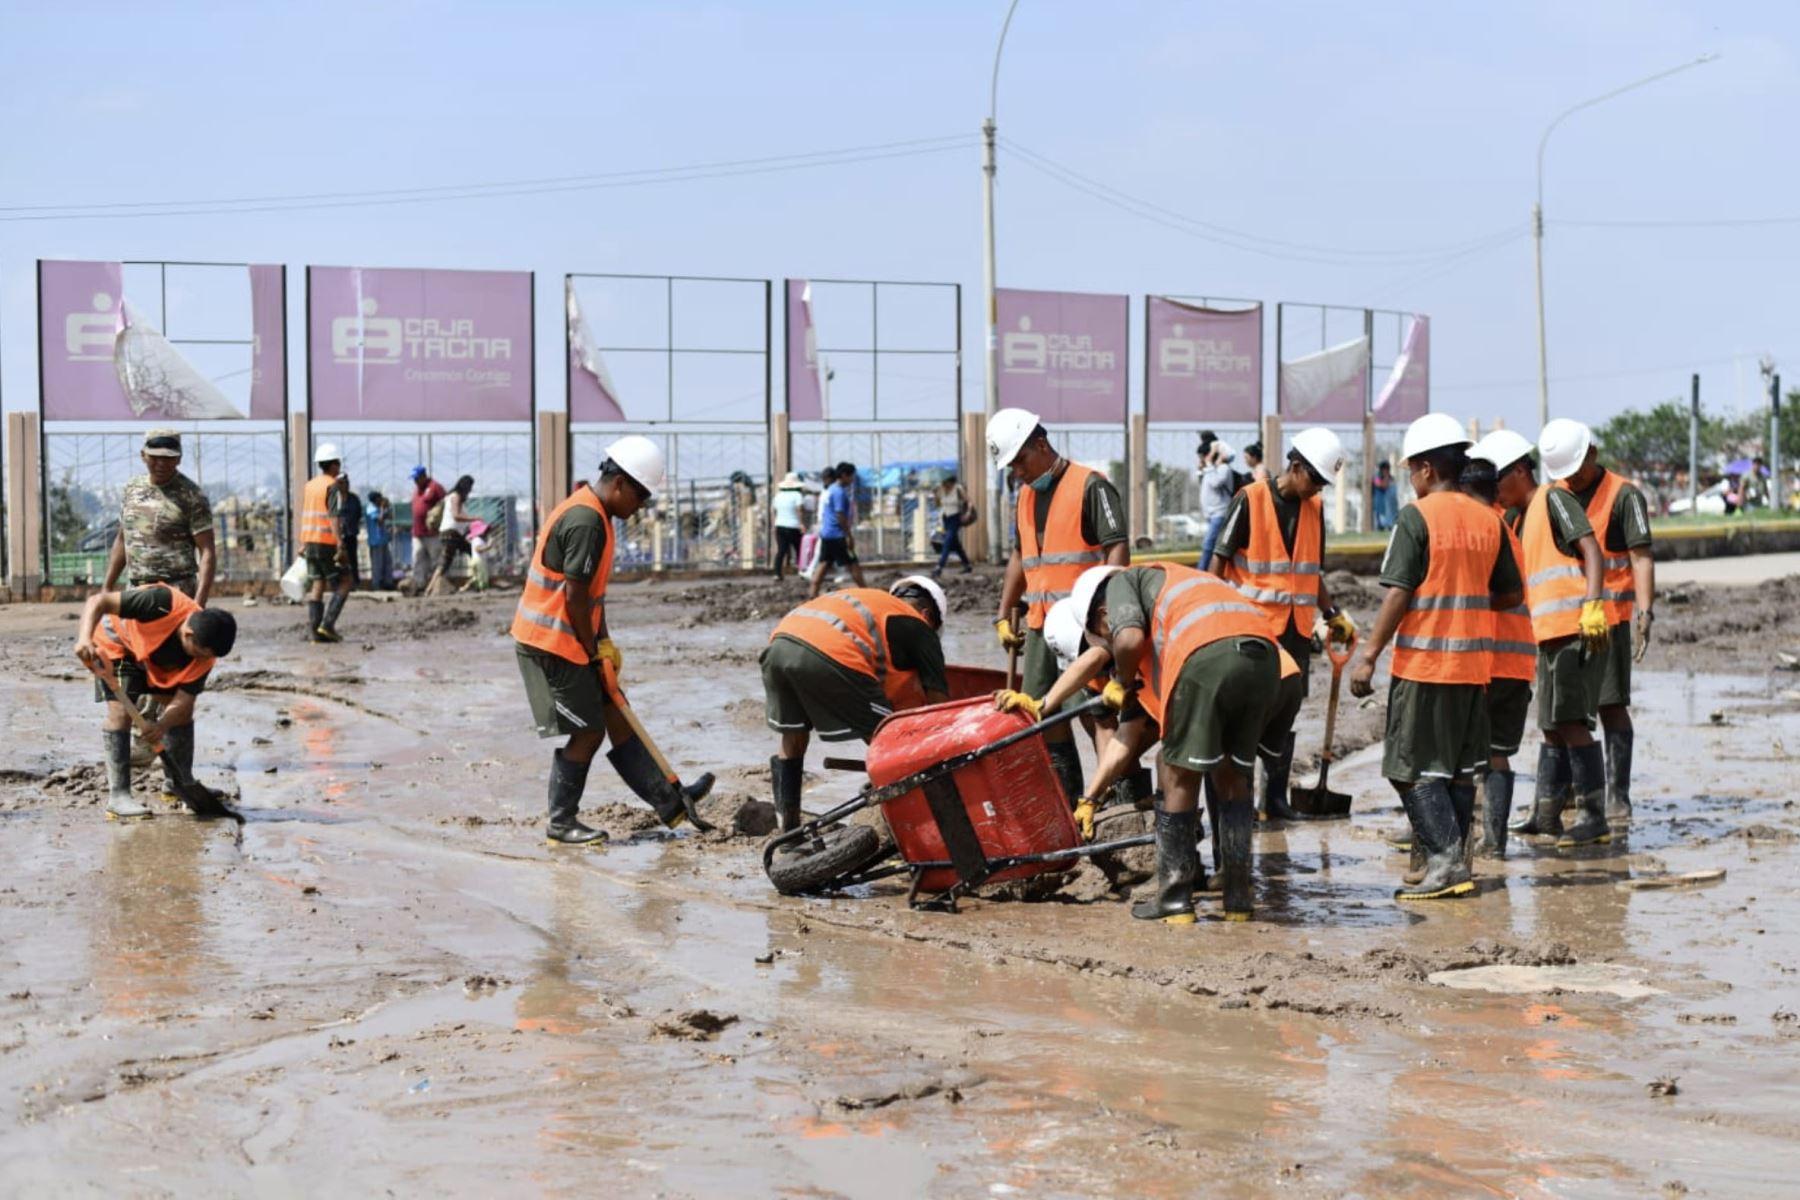 Más de 120 efectivos de la Compañía de Intervención Rápida para Desastres del Ejército peruano vienen atendiendo la emergencia provocada por un huaico en  Tacna. Foto : Cortesía /Diego Ramos Lupo